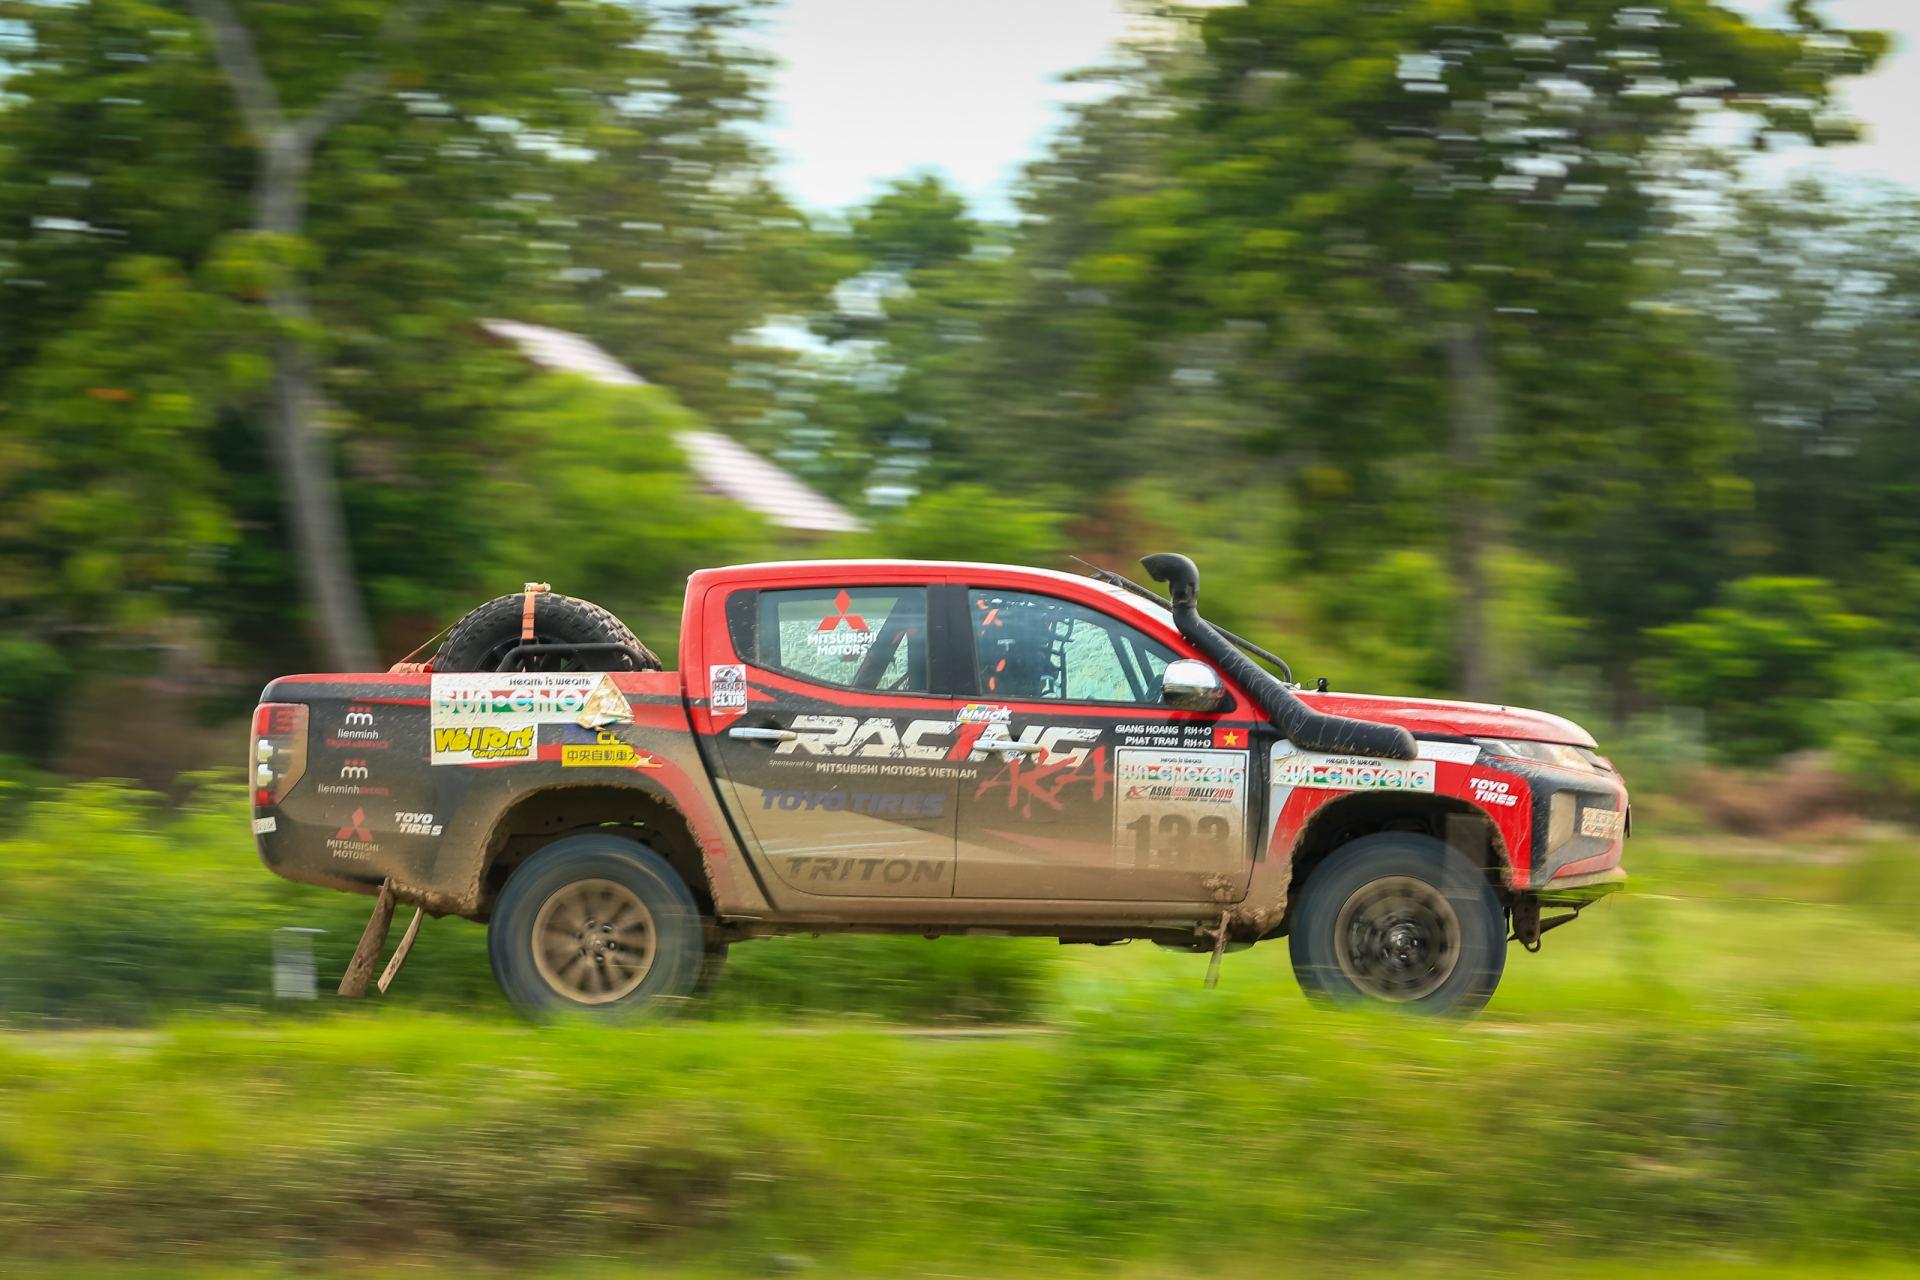 Racing AKA đạt thành tích cao tại giải đua địa hình Asian Cross Country Rally 2019 - 04